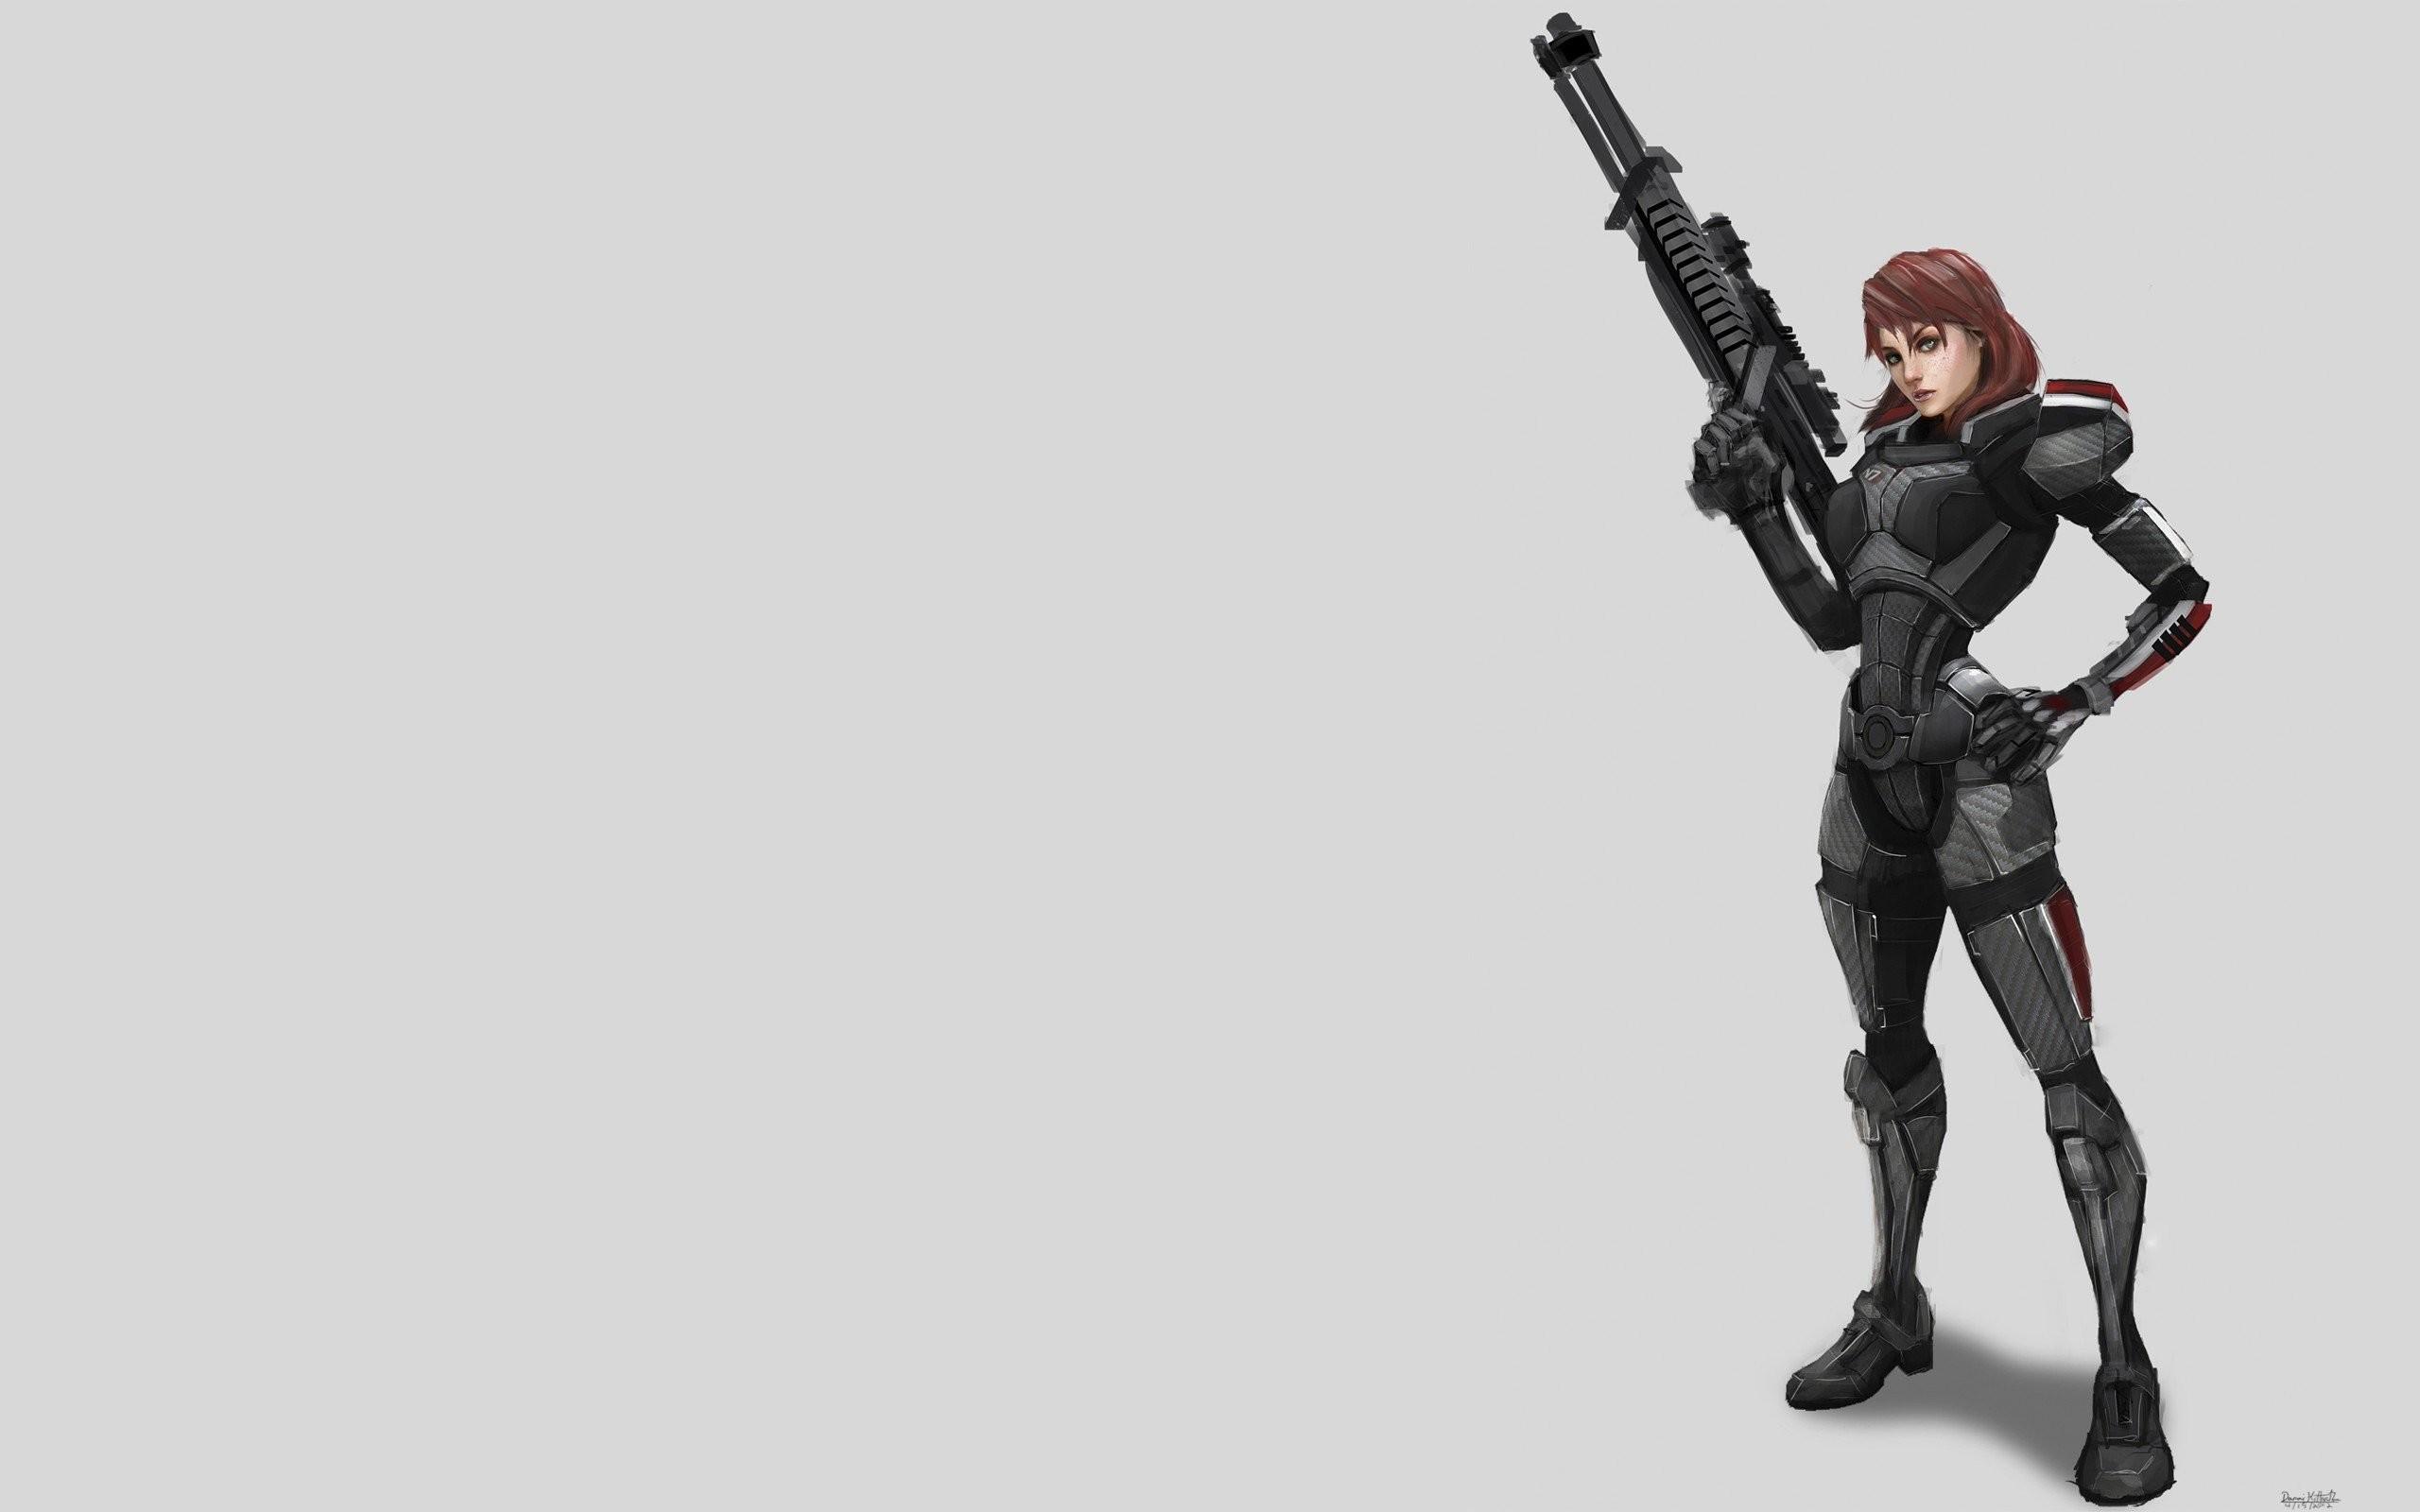 Women video games Mass Effect artwork Mass Effect 3 FemShep Commander  Shepard simple background wallpaper | | 314608 | WallpaperUP